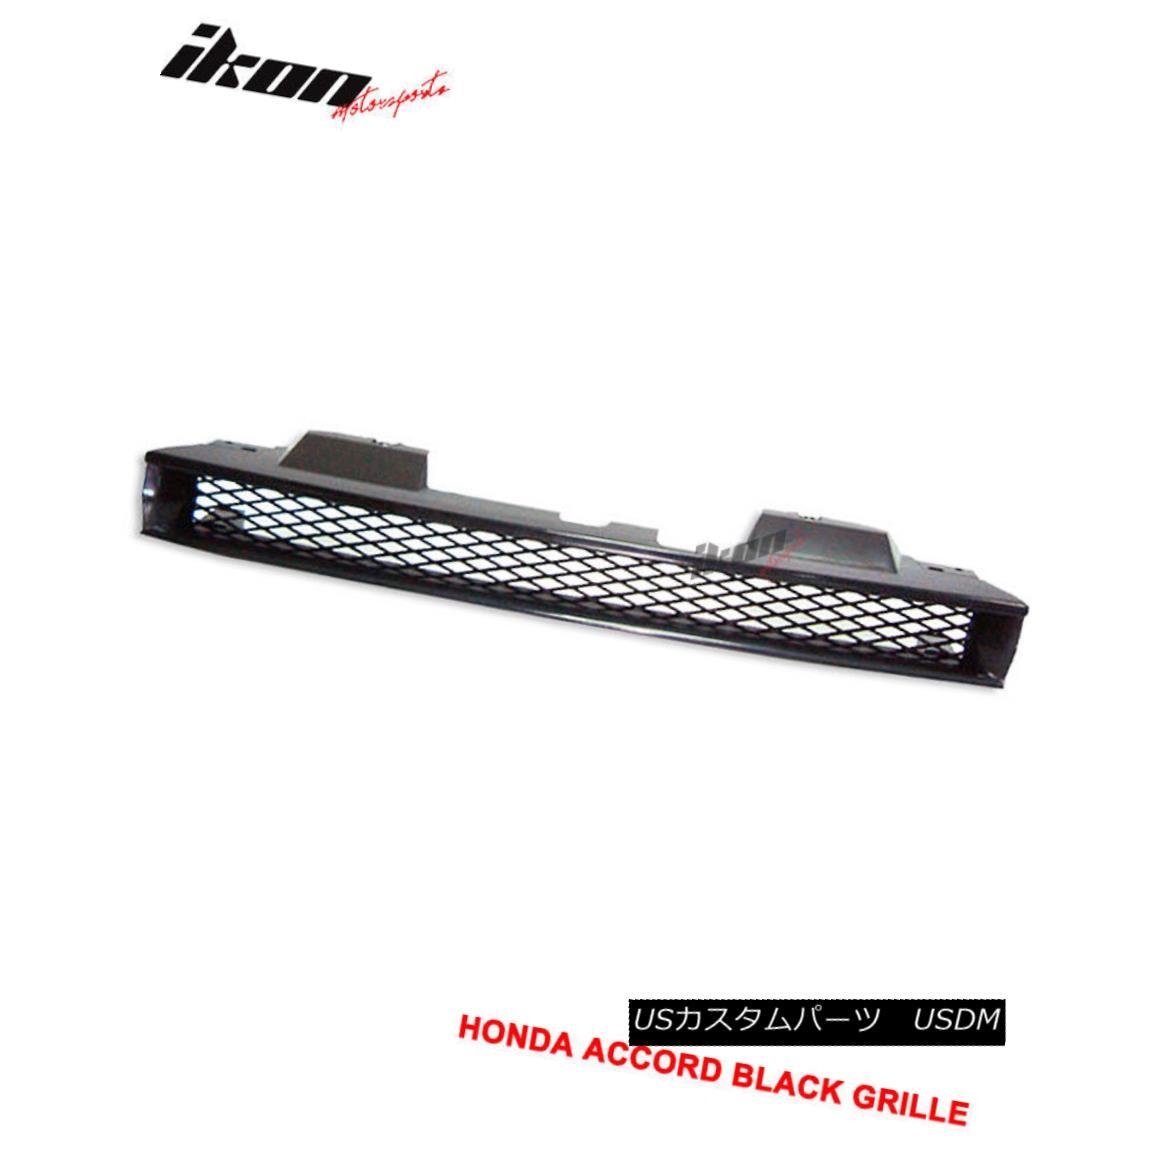 グリル Fits 90-93 Honda Accord JDM T-R Sport Front Mesh Grill Hood Grille Black フィット90-93ホンダアコードJDM T - Rスポーツフロントメッシュグリルフードグリルブラック